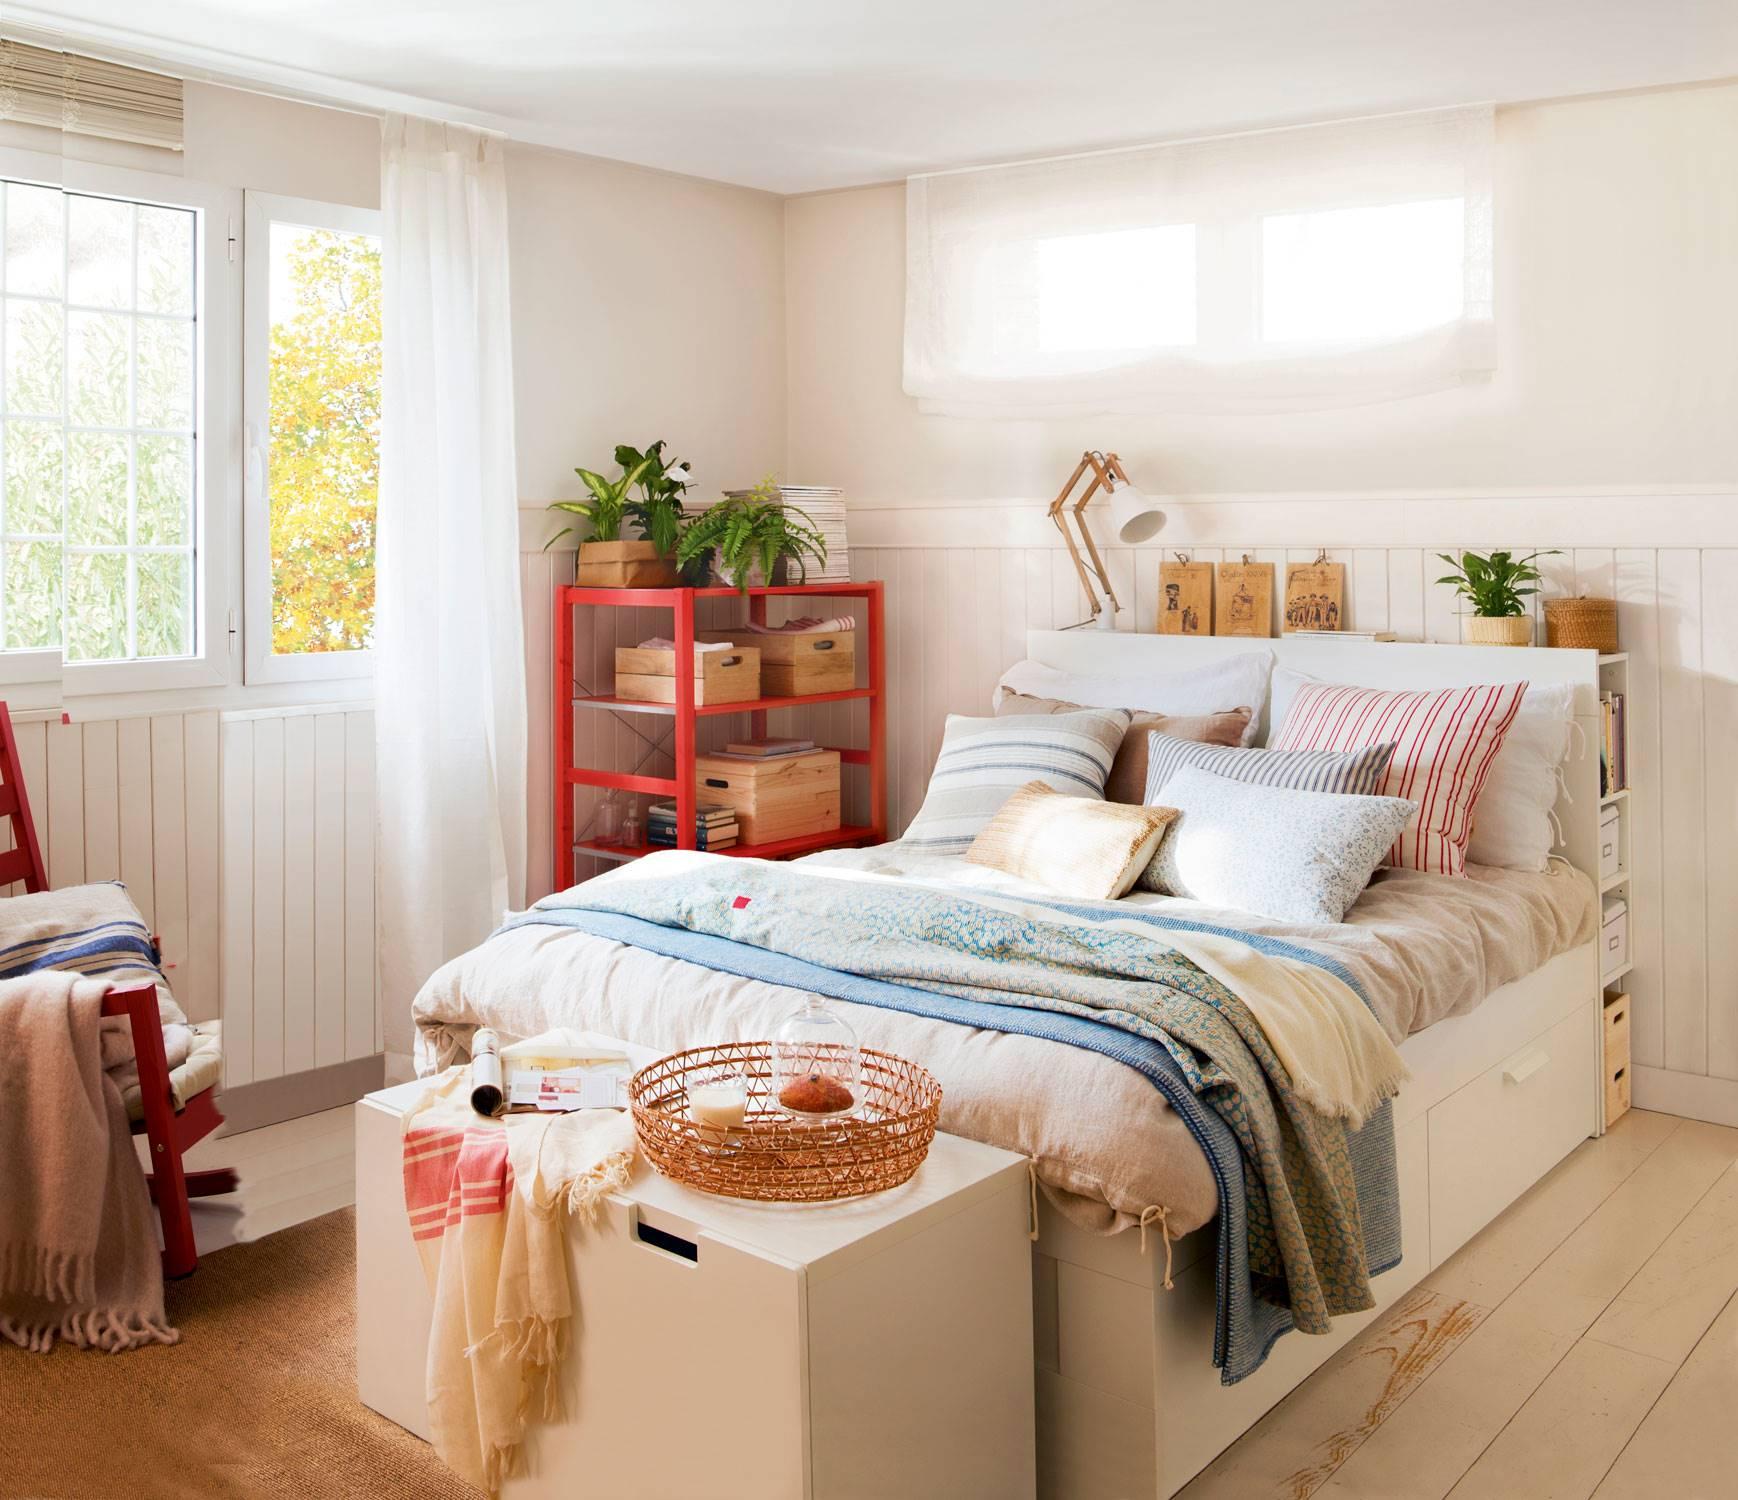 dormitorios matrimonio decorados con muebles blancos ikea